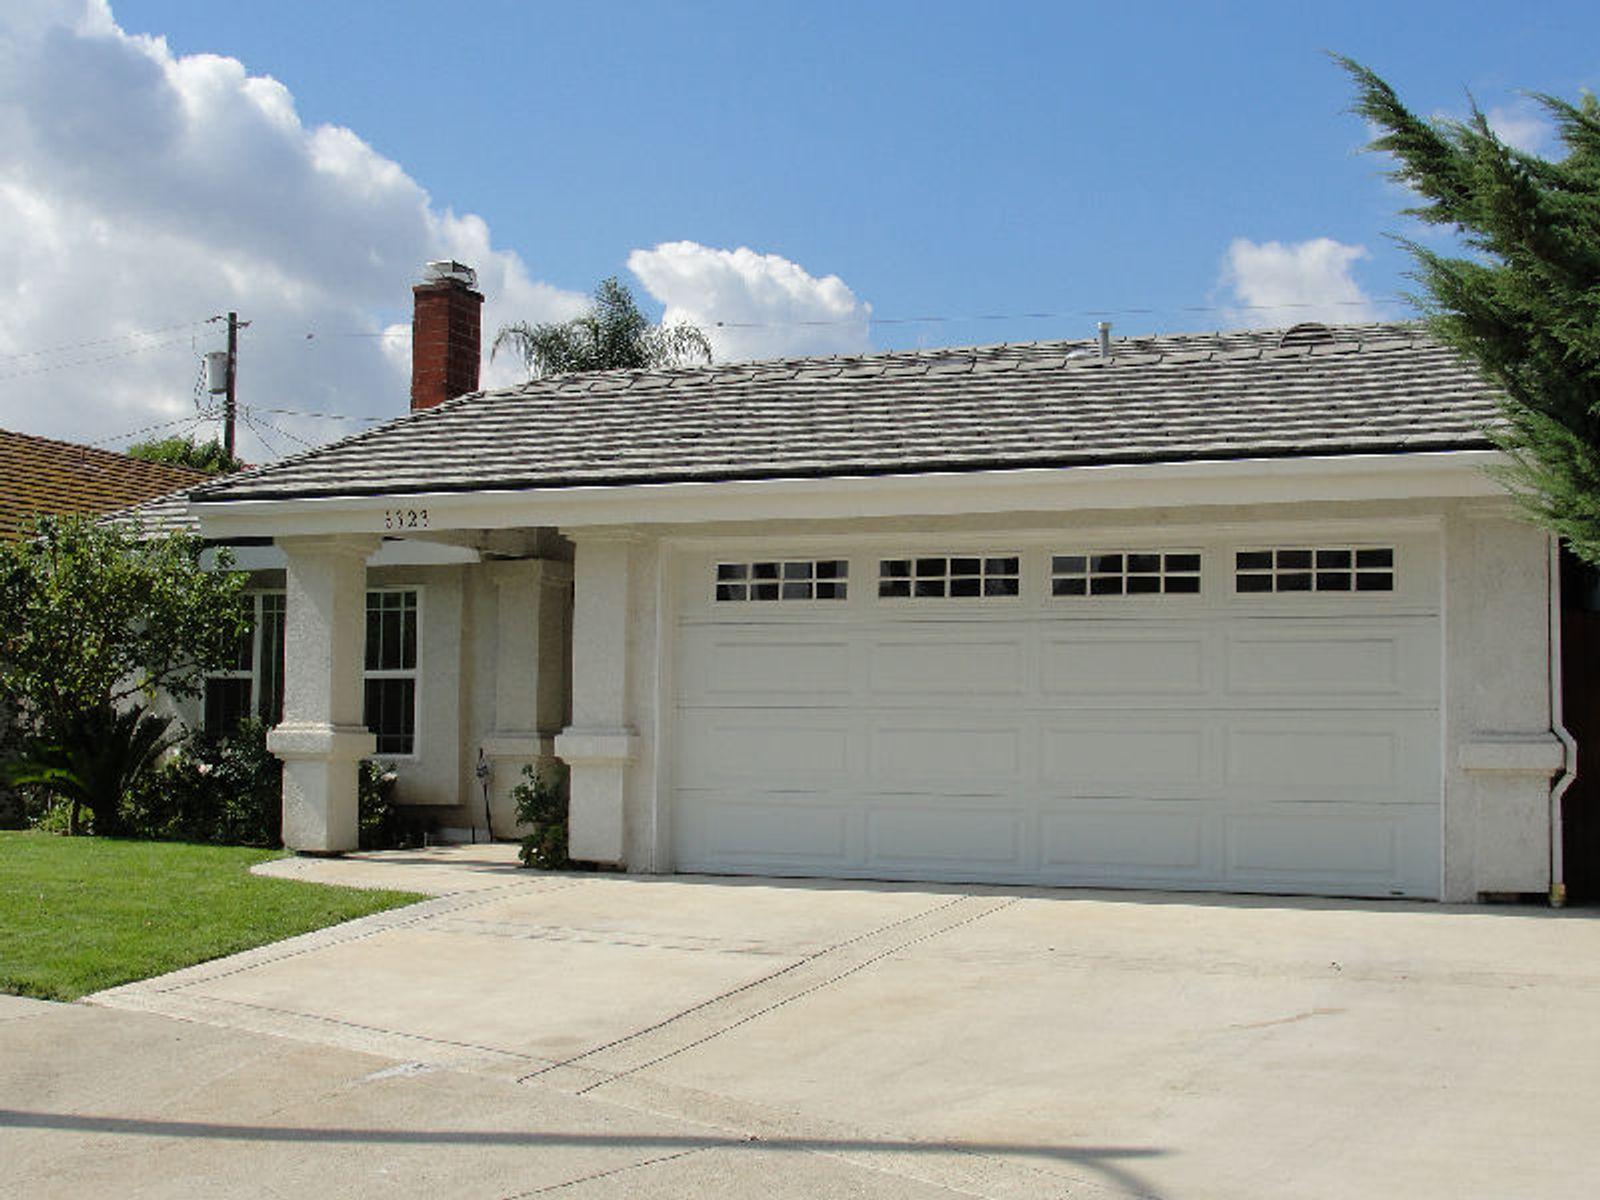 Two-car garage